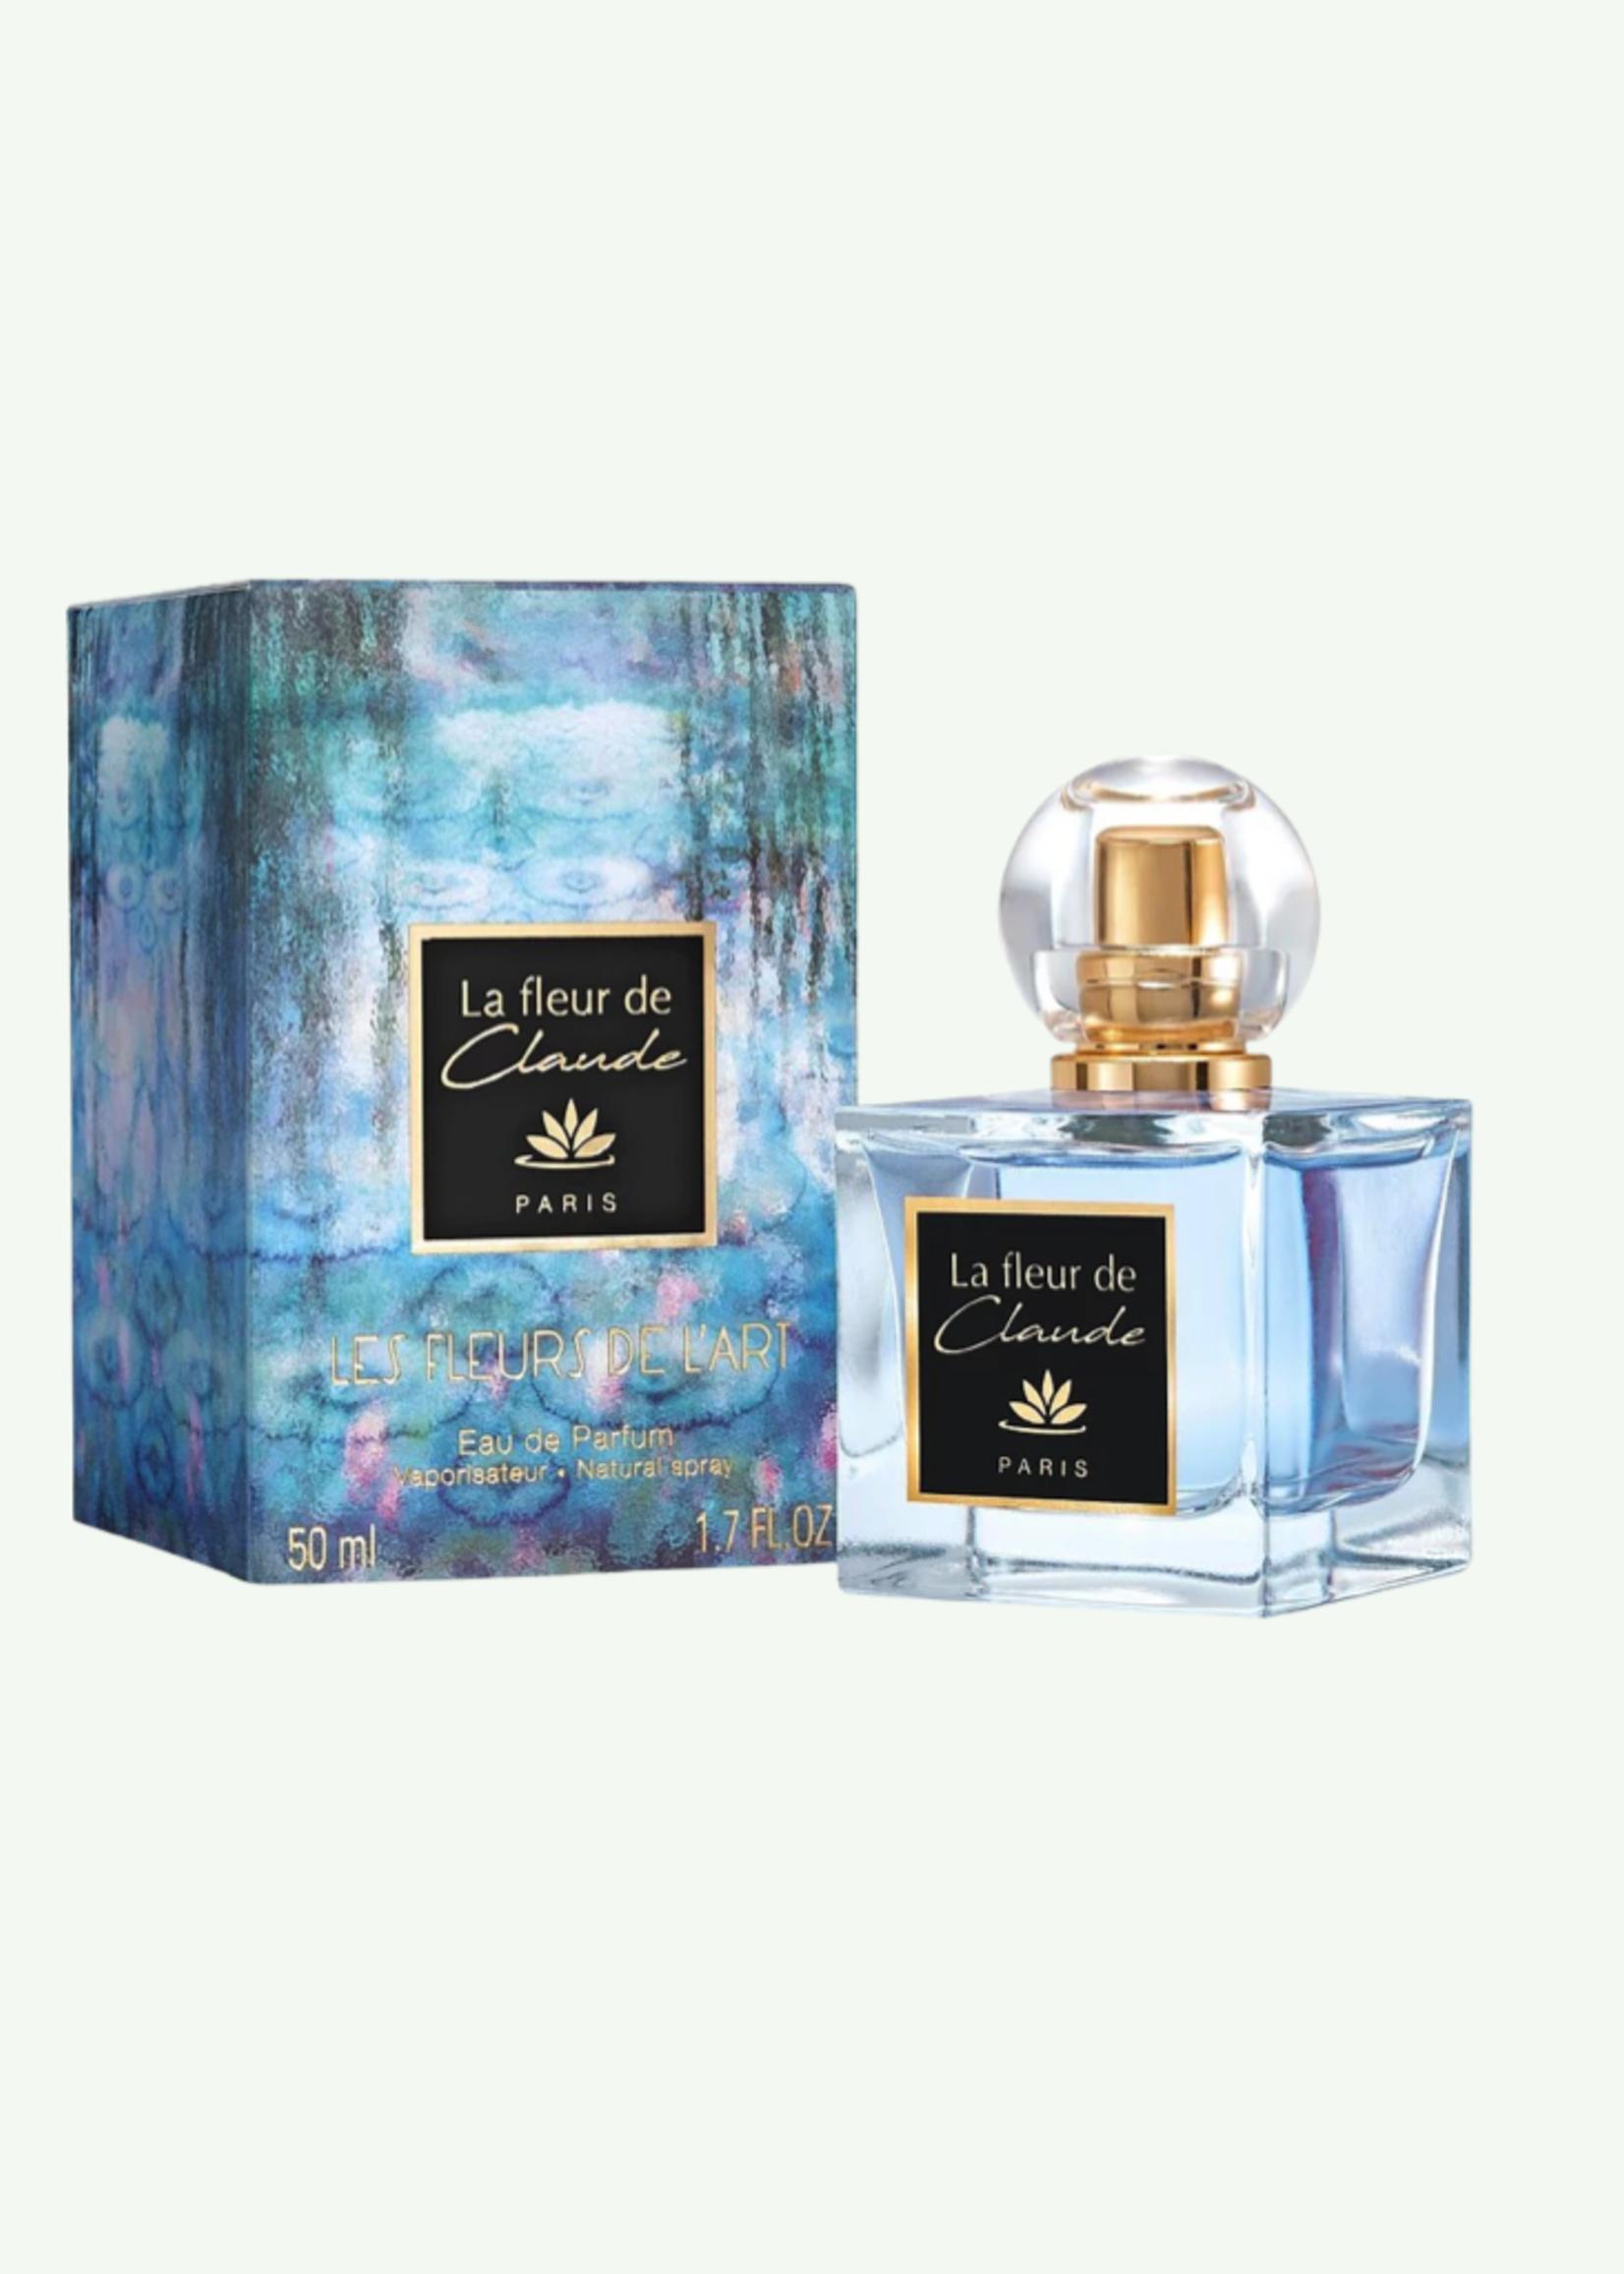 Les Fleurs de l'Art Les Fleurs de l'Art - La Fleur de Claude - Eau de Parfum